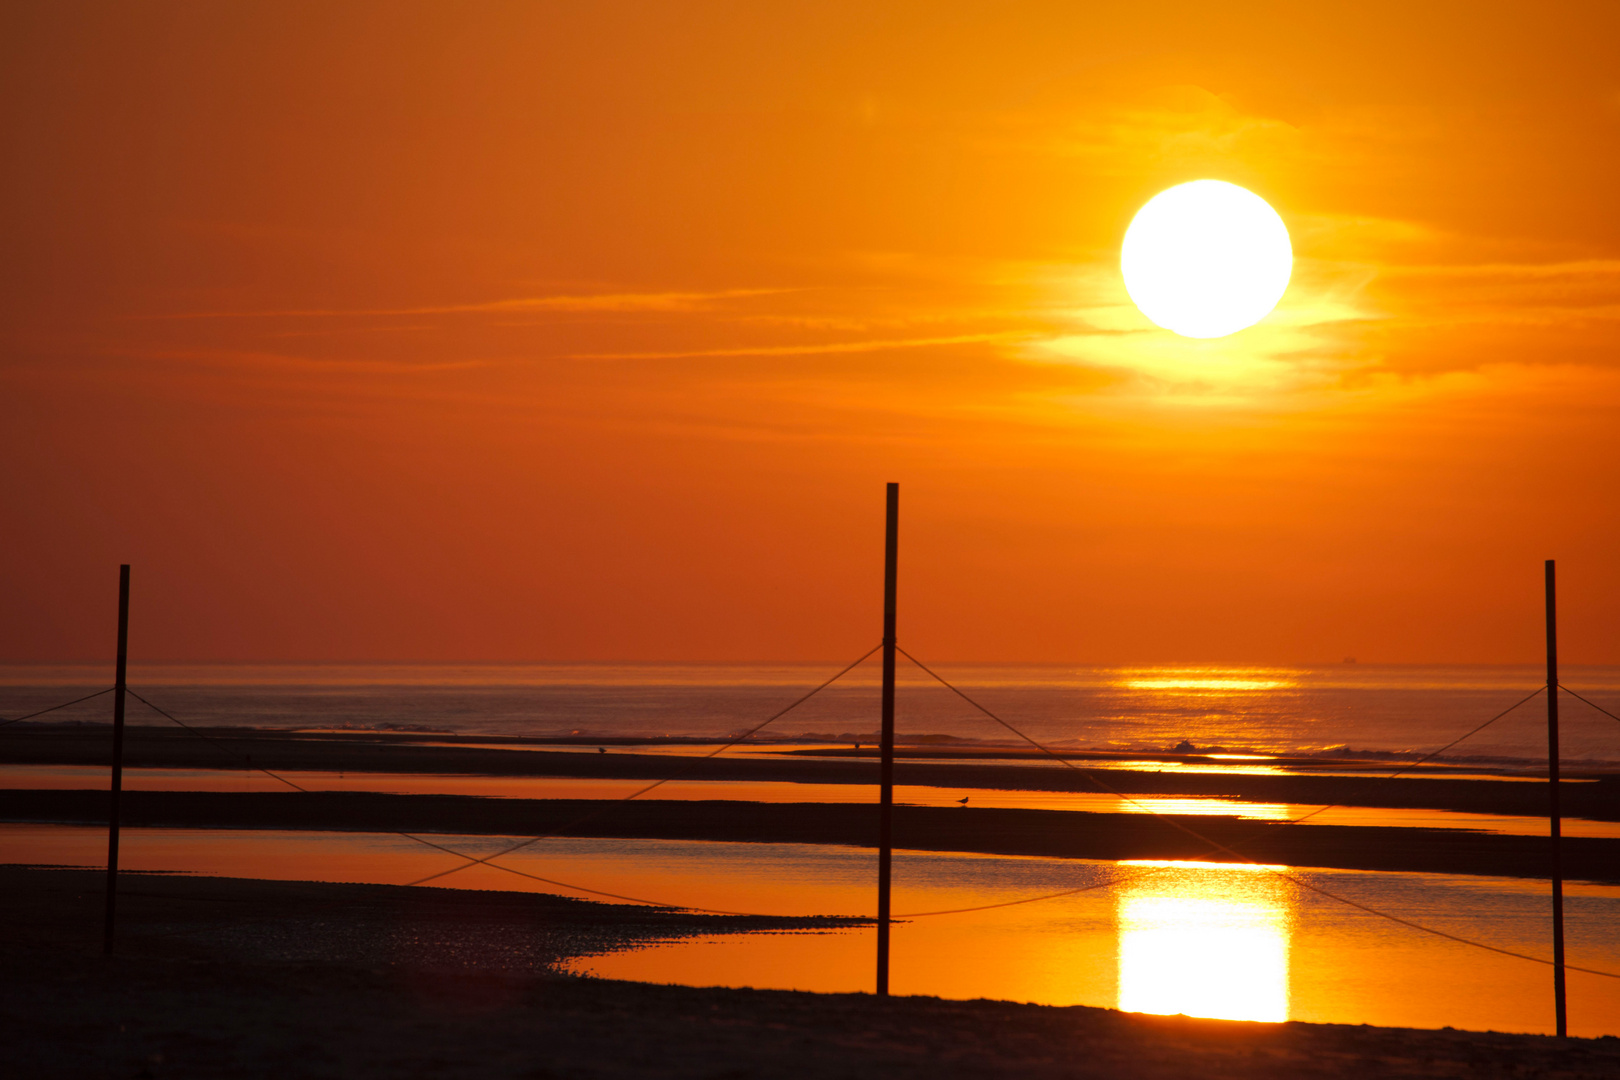 Sonnenuntergang auf Langeoog 2